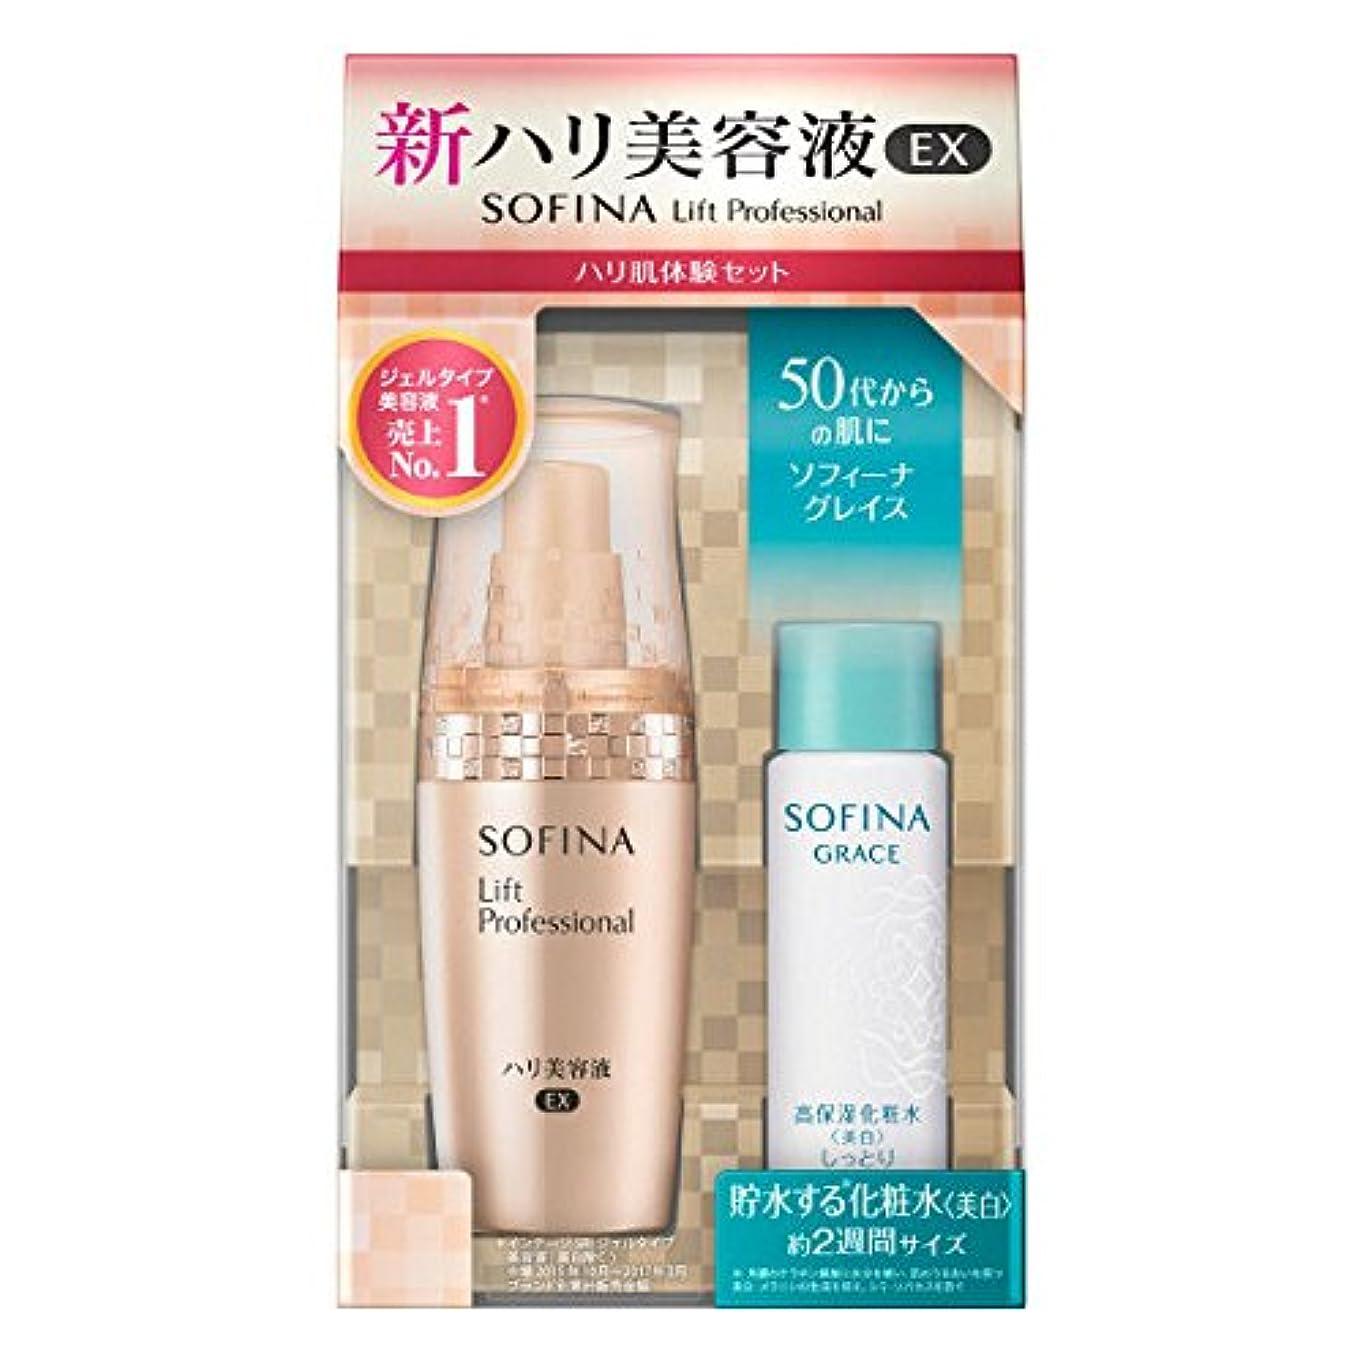 ポイントペチコート前提条件SOFINA(ソフィーナ) リフトプロフェッショナル ハリ美容液 40g + ソフィーナグレイス高保湿化粧水 30mL 付き